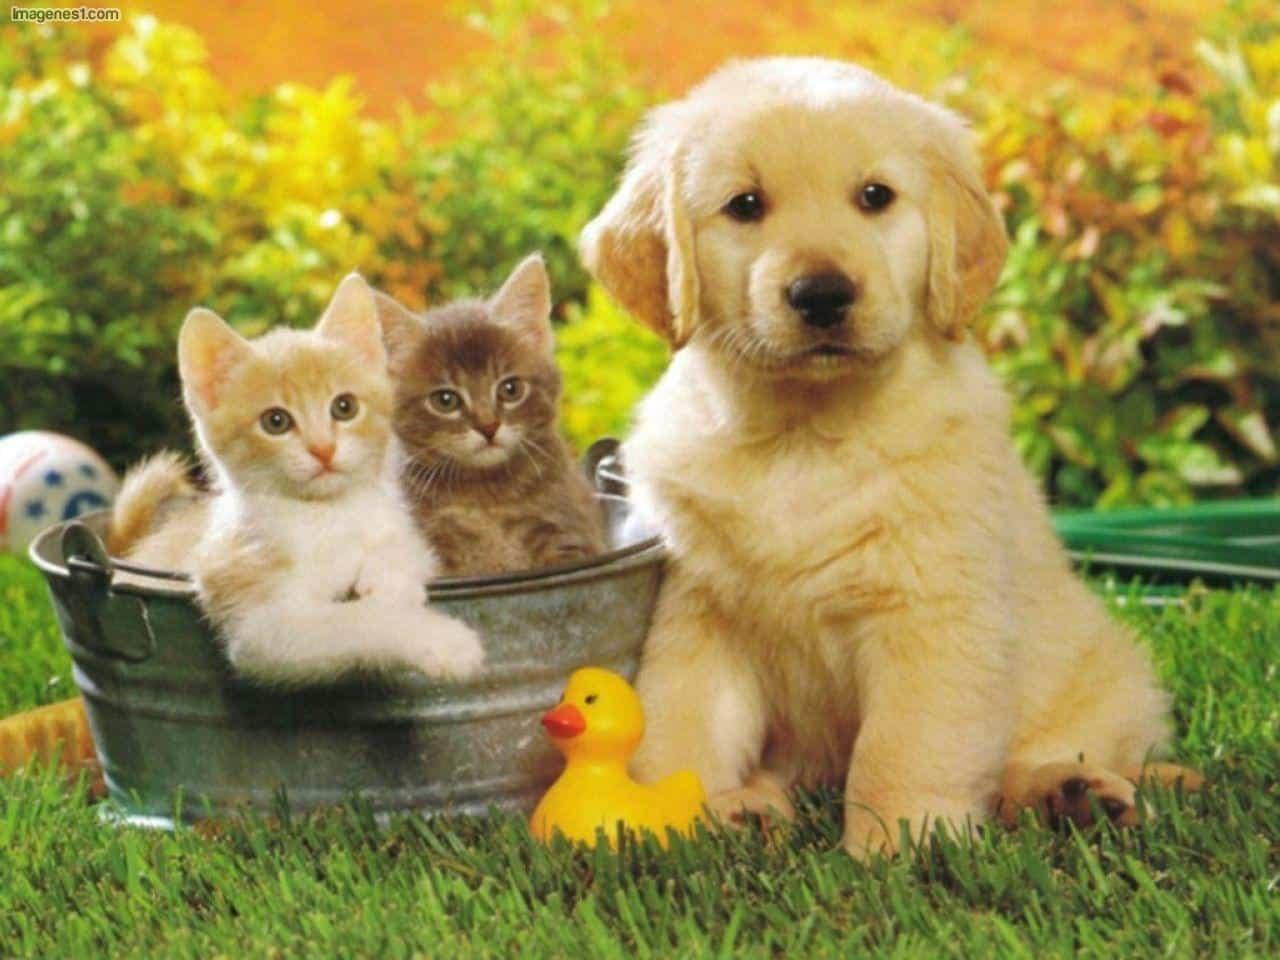 Parlamento canadiense desestima proyecto de ley que buscaba mayor protección a los animales